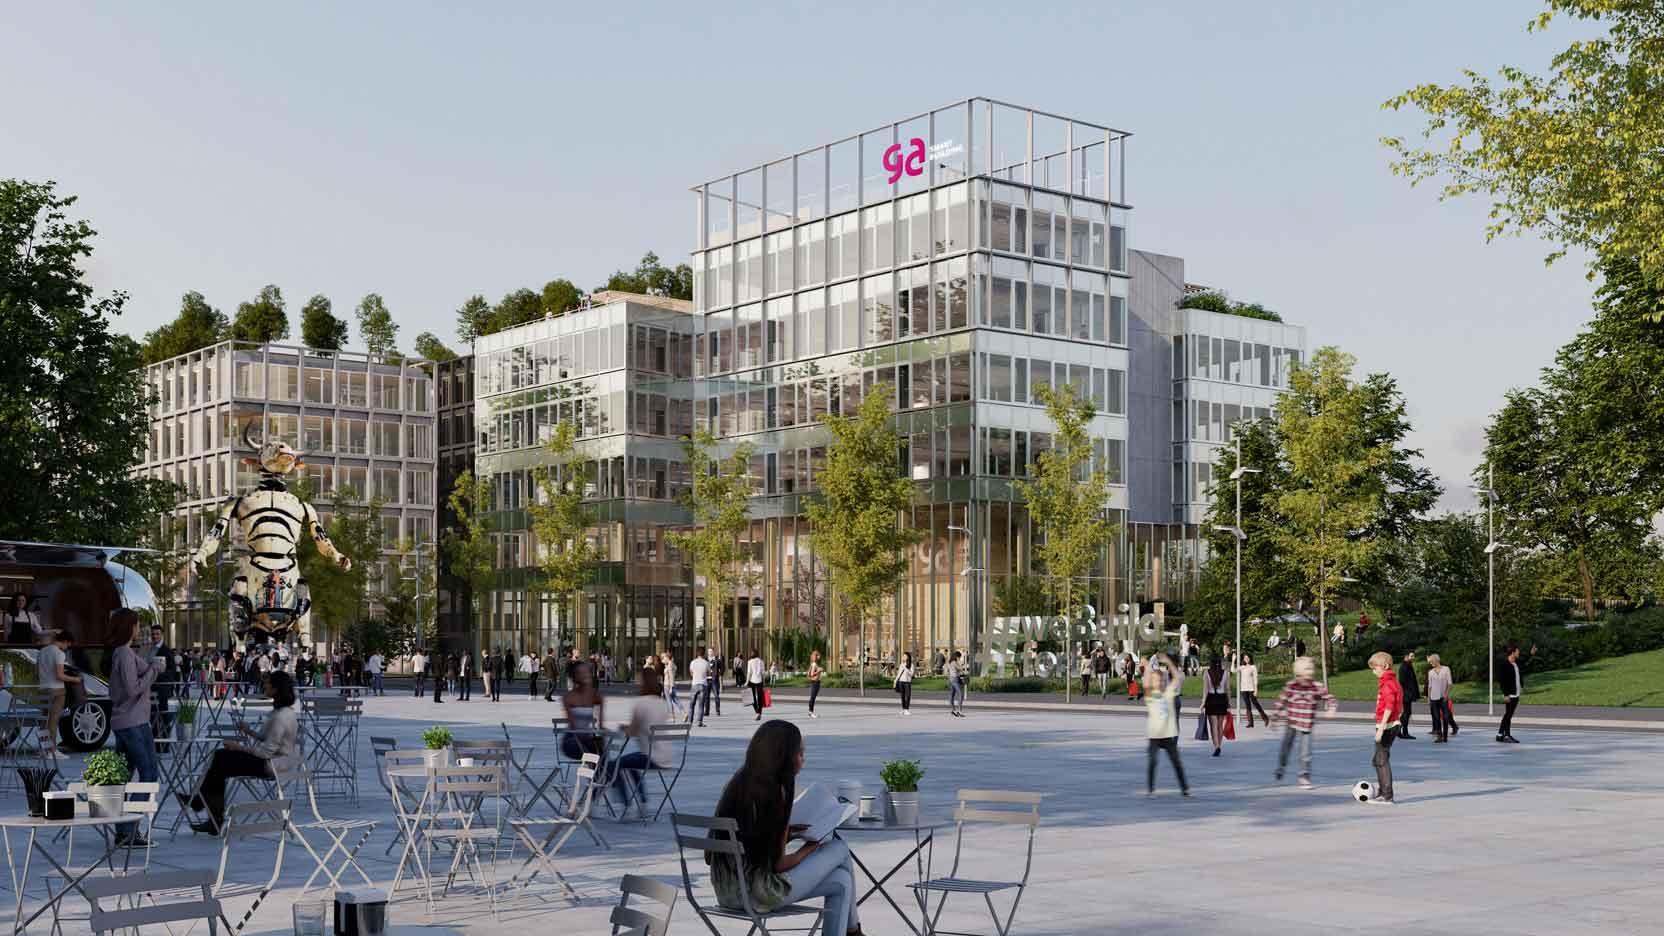 GA Smart Building dévoile son futur siège social et lance une nouvelle génération d'immeuble qui répond aux attentes d'un monde post-Covid et post-Carbone